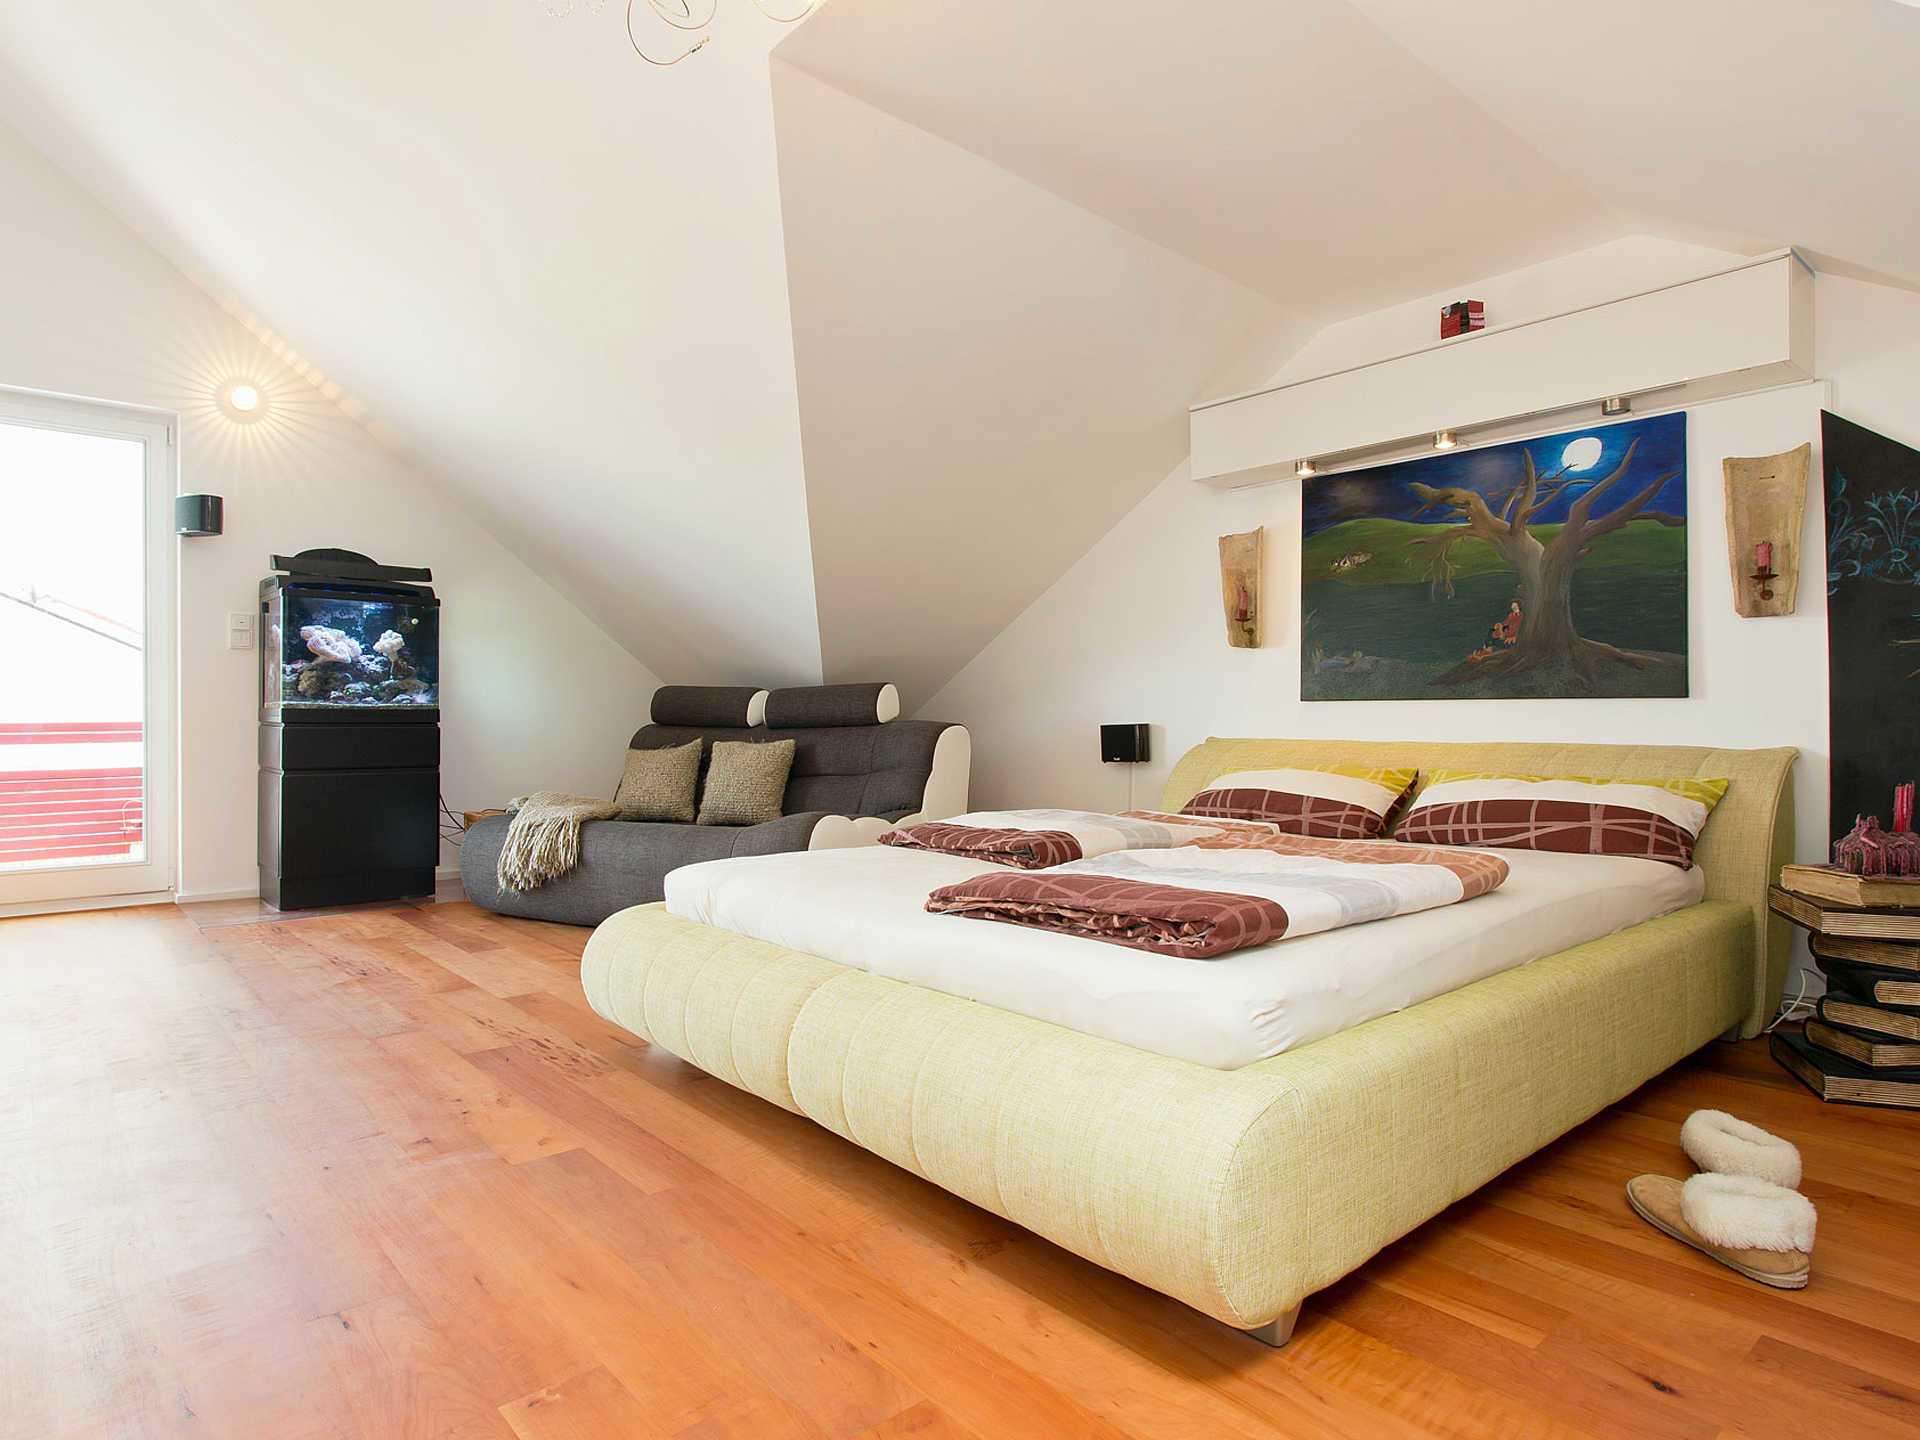 Innenansicht Schlafzimmer - Fingerhut Haus L 167.10